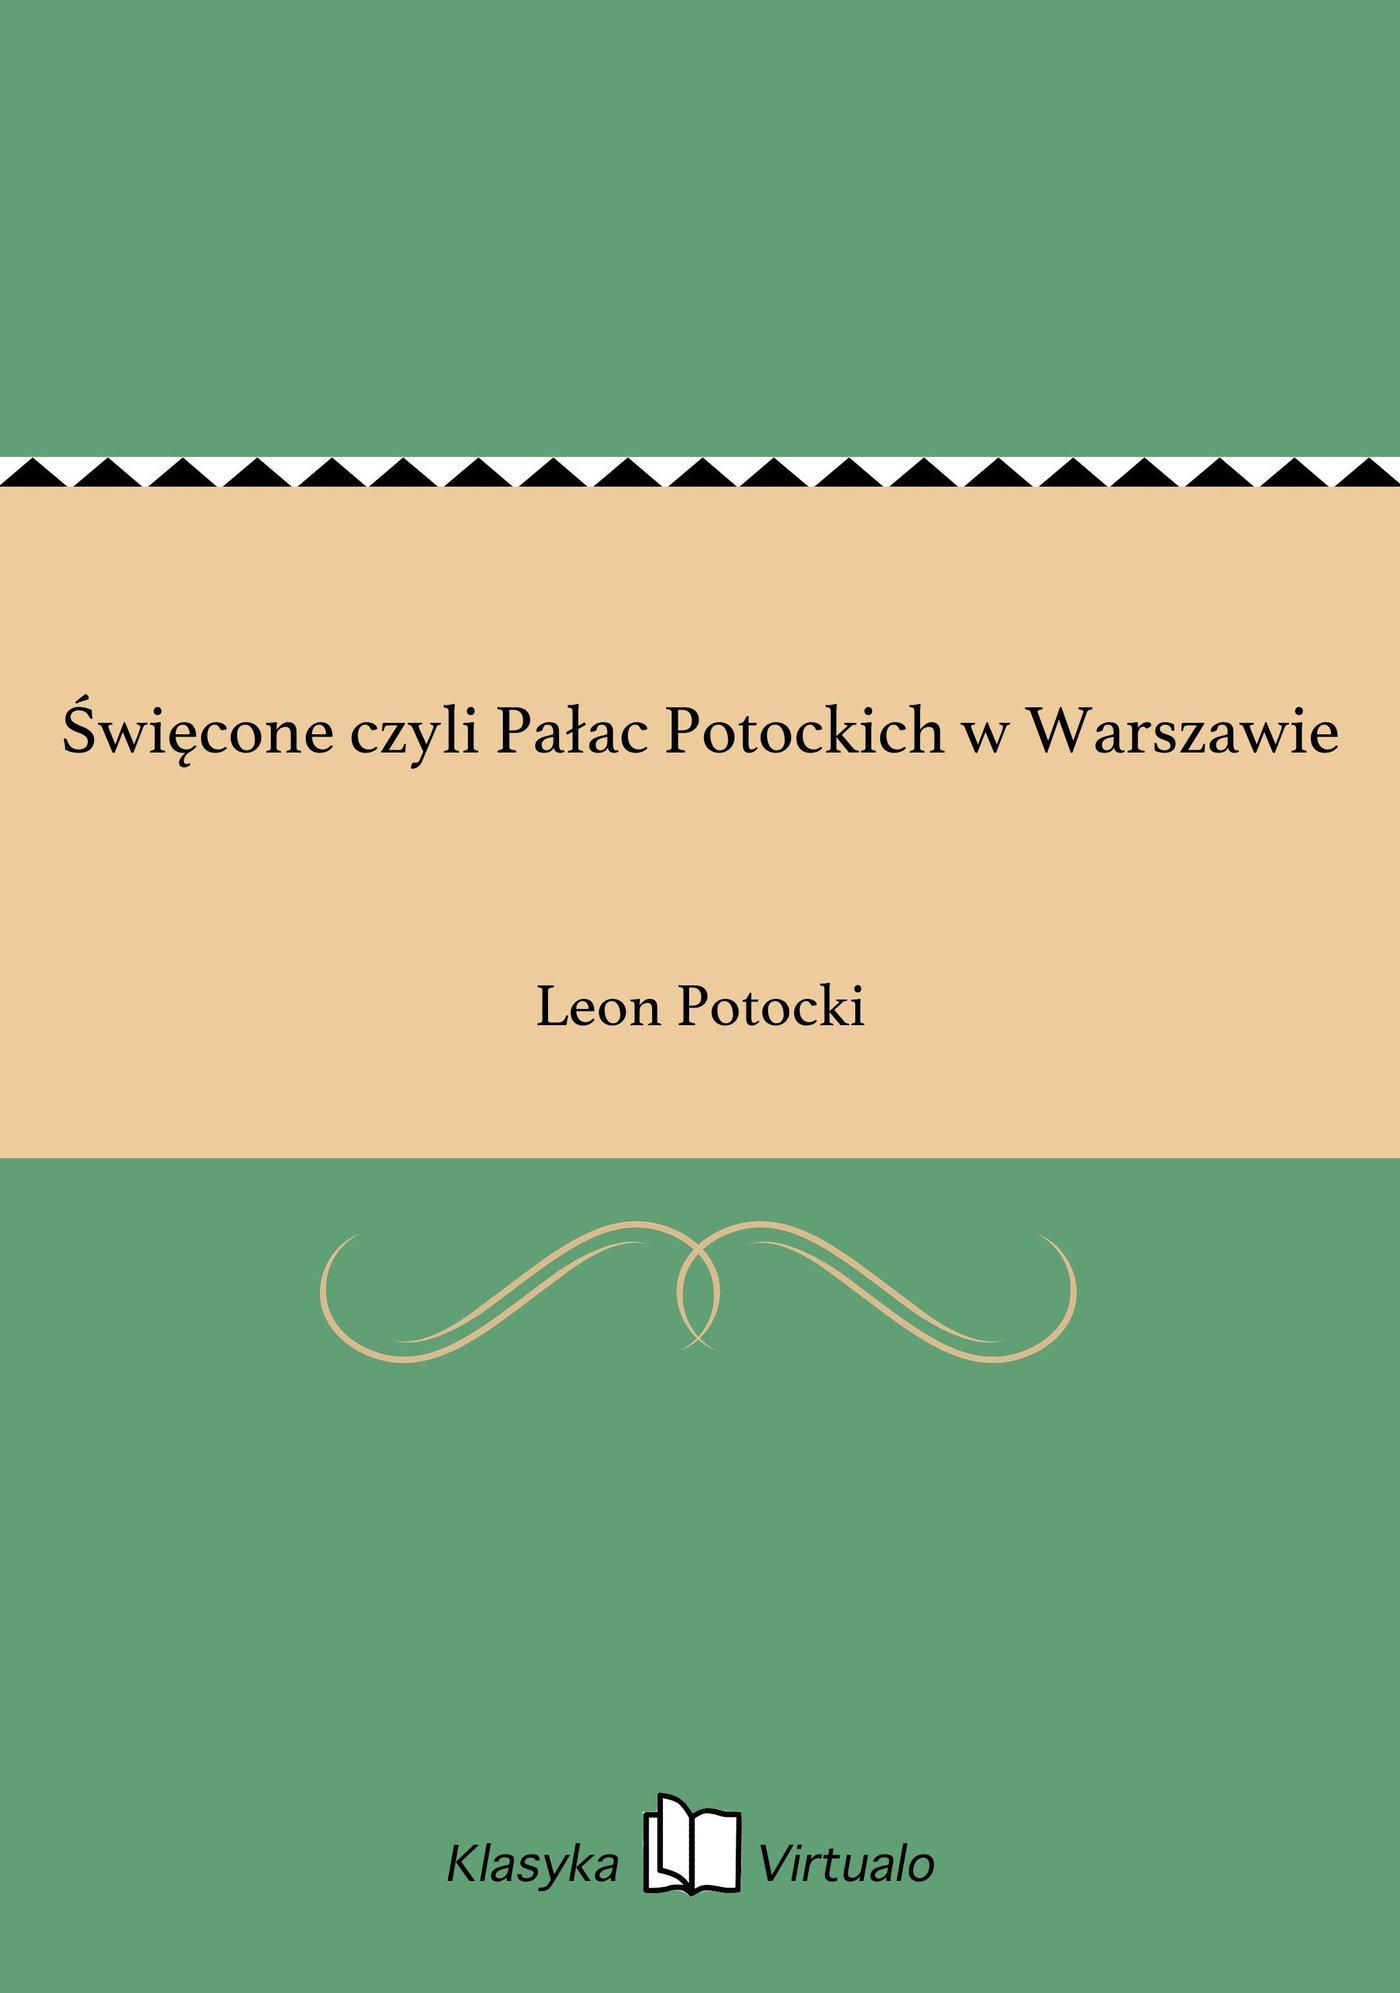 Święcone czyli Pałac Potockich w Warszawie - Ebook (Książka EPUB) do pobrania w formacie EPUB